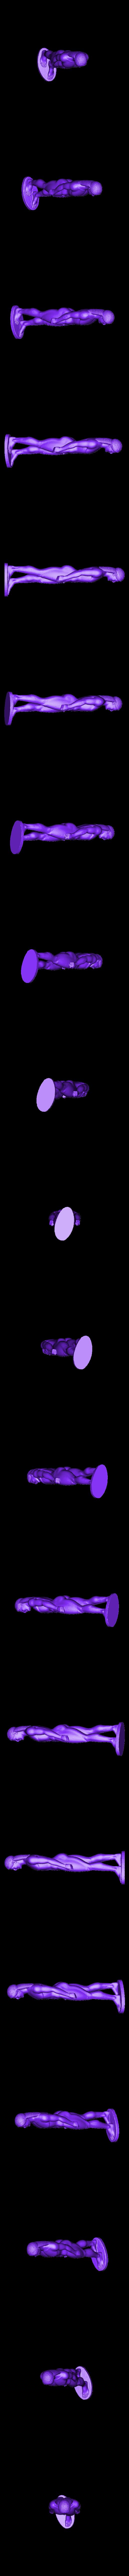 20150516_The_Getty_Kouros_by_CosmoWenman_LowRes.stl Télécharger fichier OBJ gratuit Le Getty Kouros • Modèle pour imprimante 3D, Ghashgar